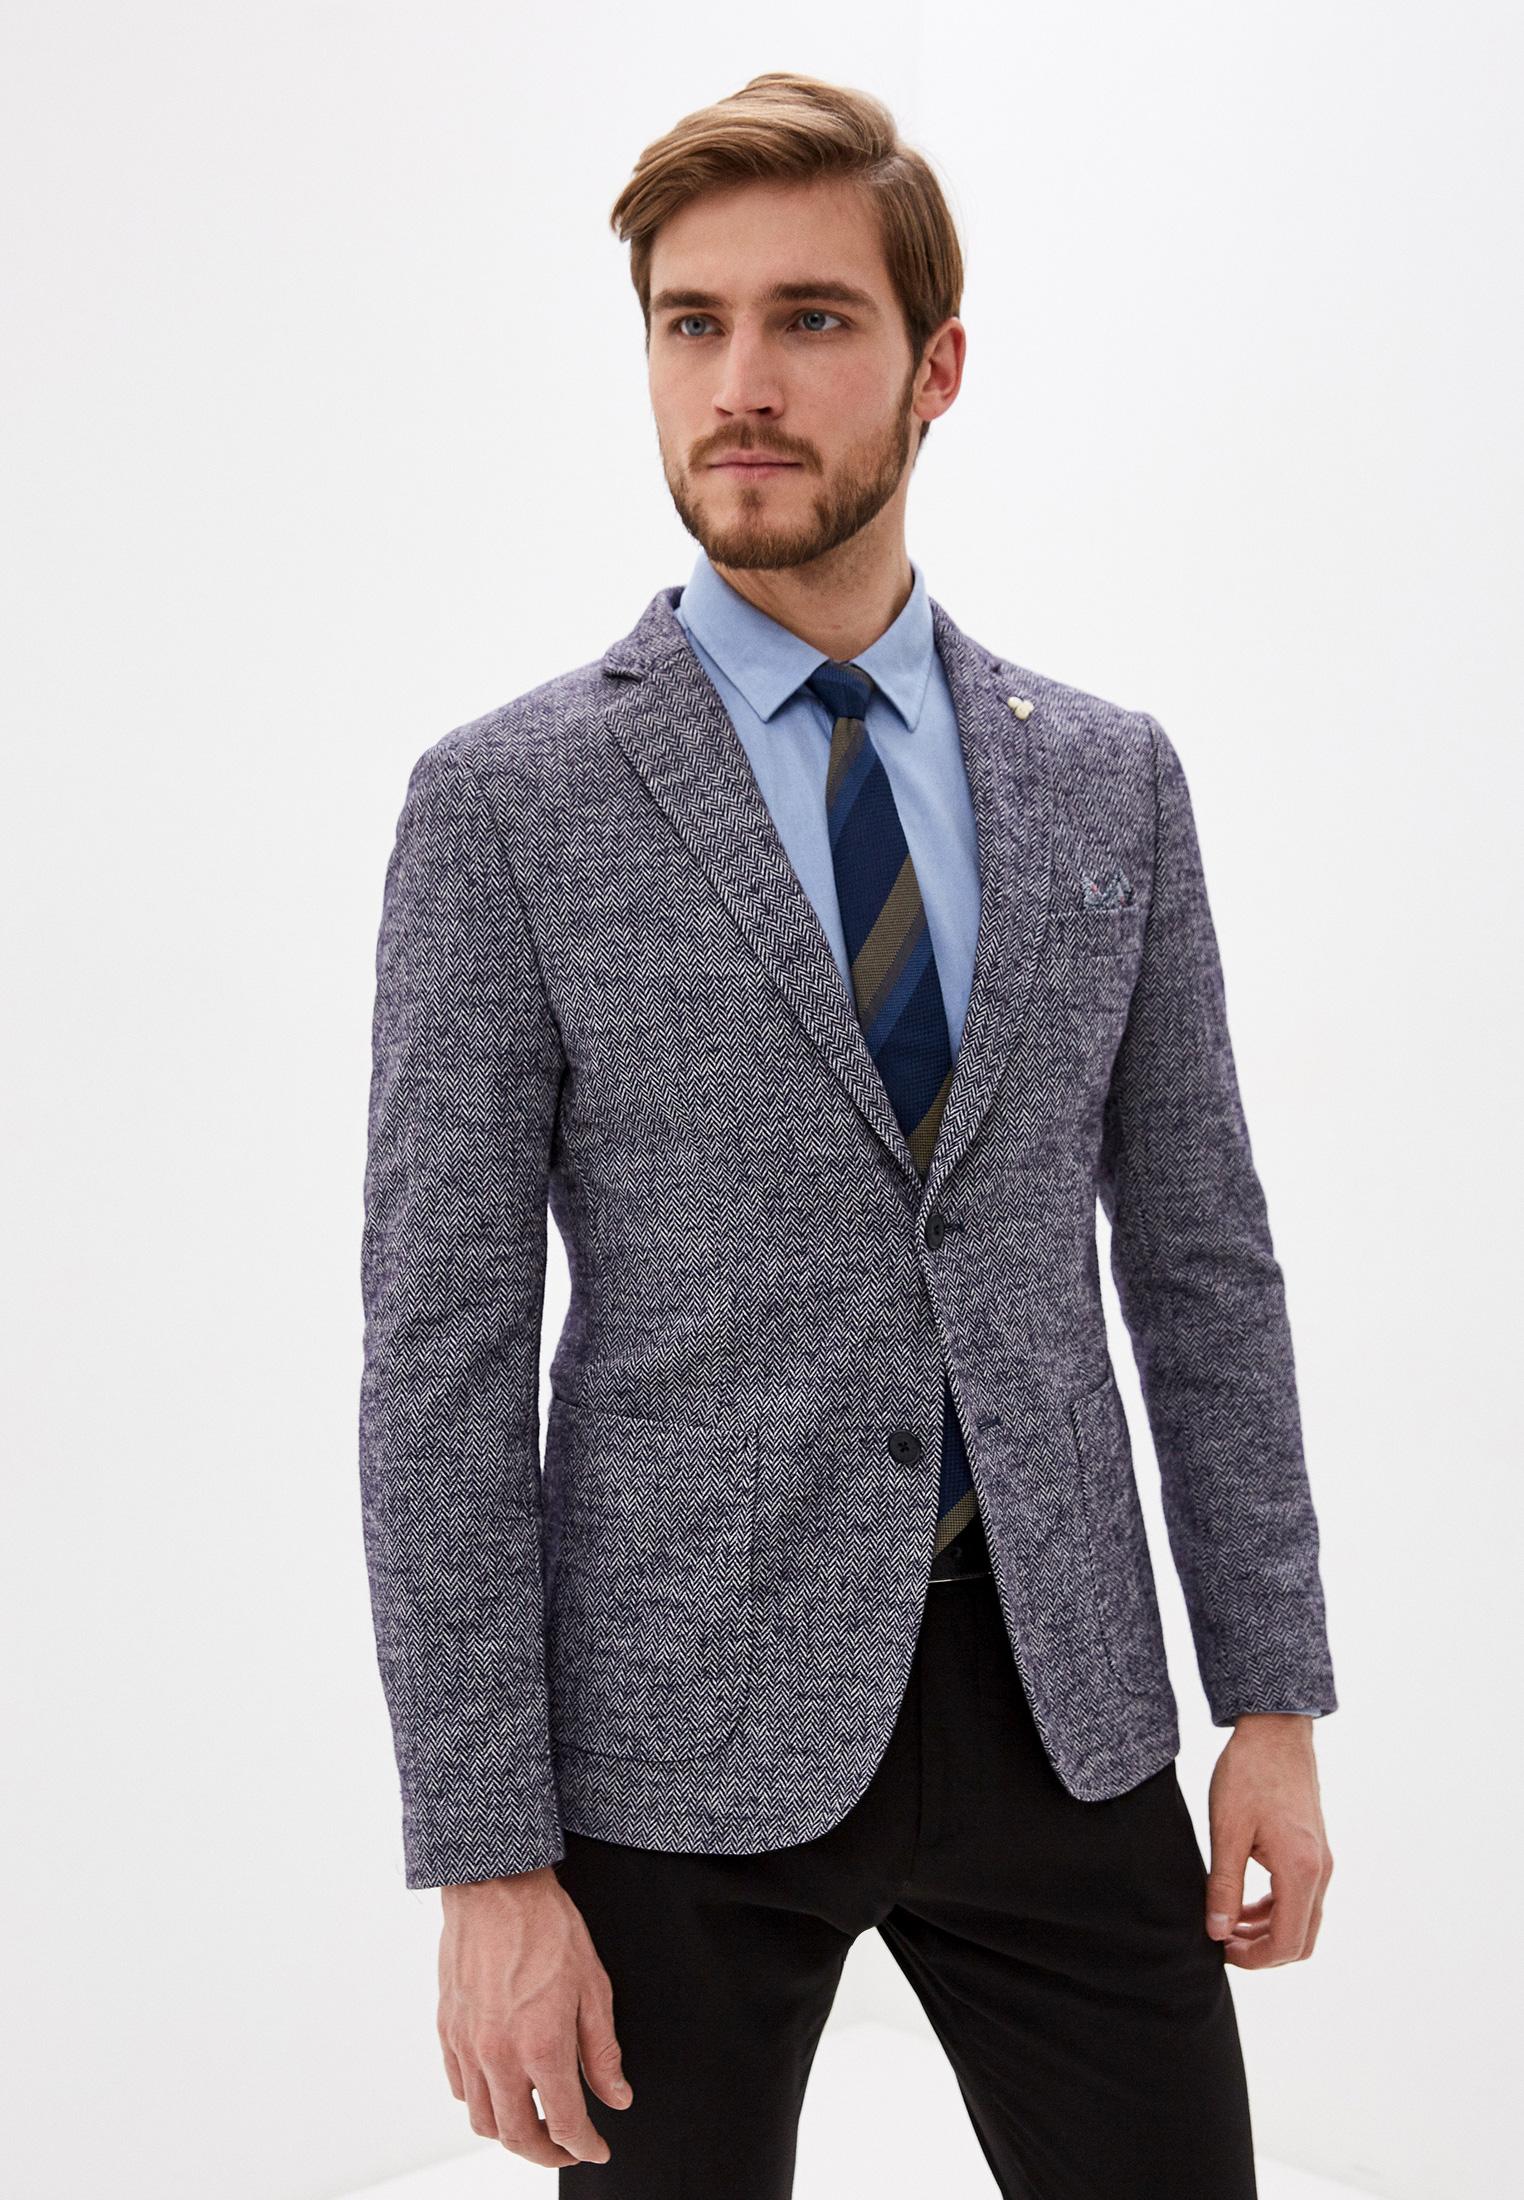 Чем отличается пиджак от жакета